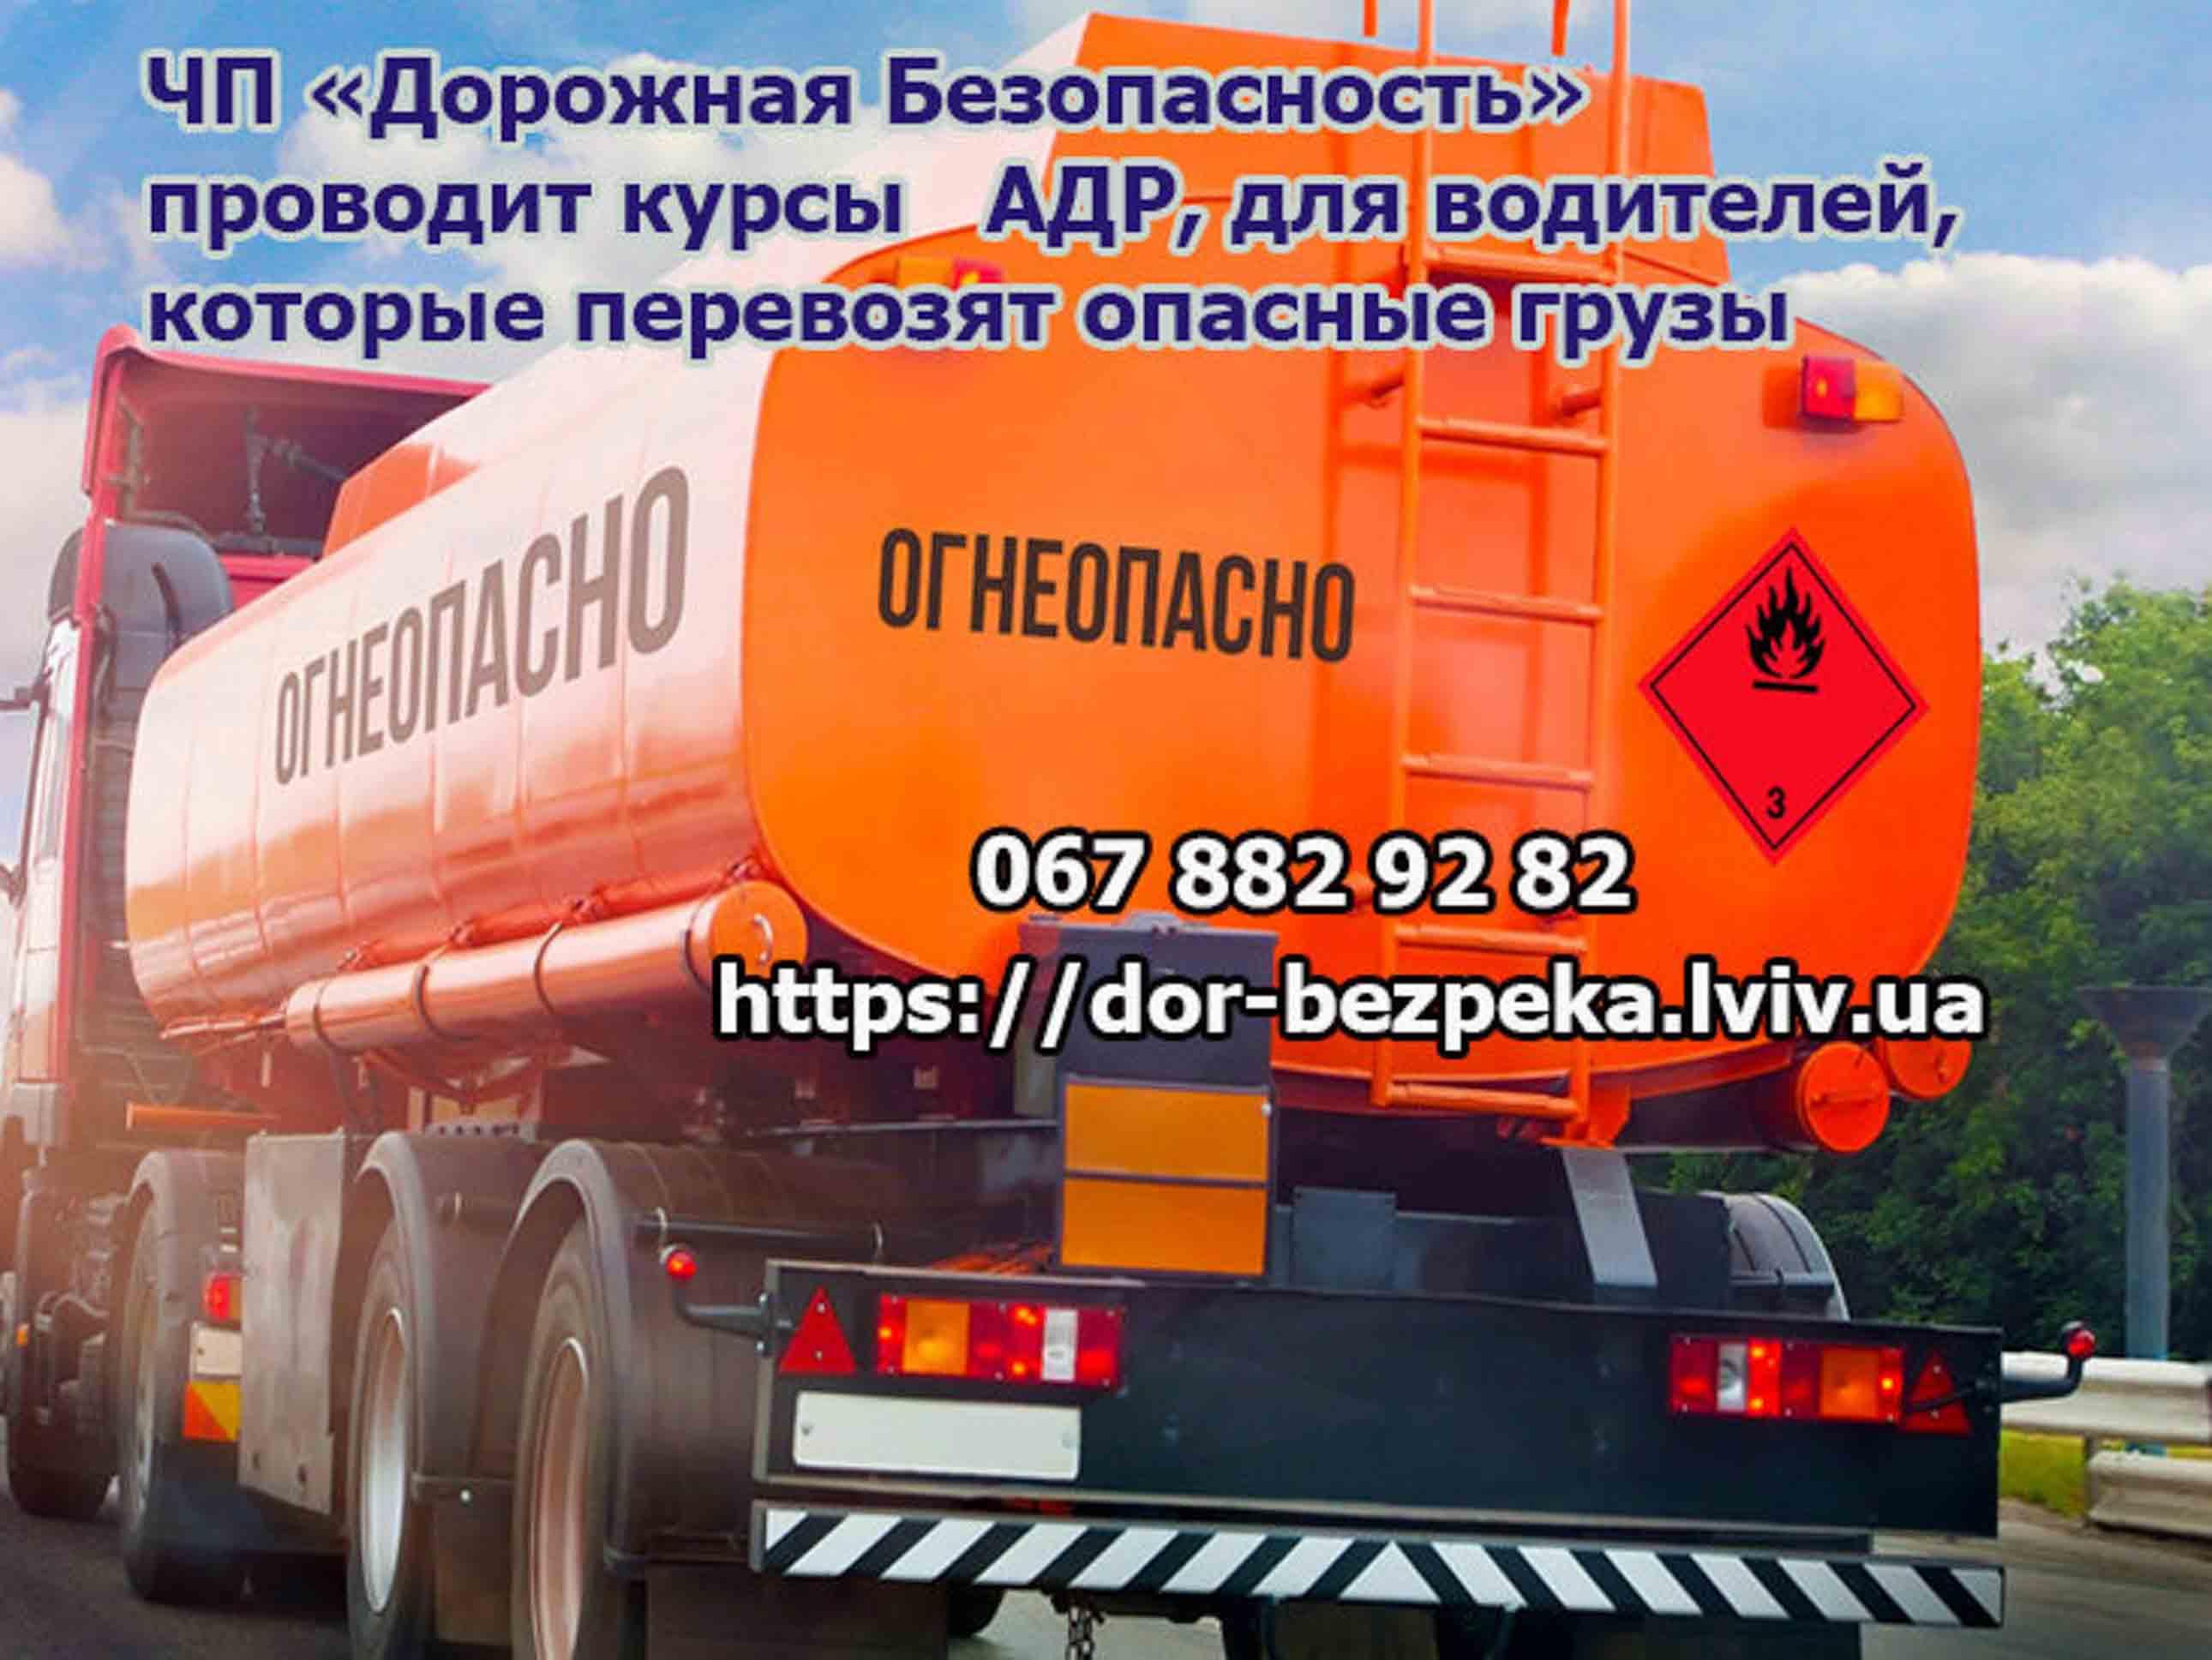 Сертифікат adr свідоцтво для водія адр фото 1